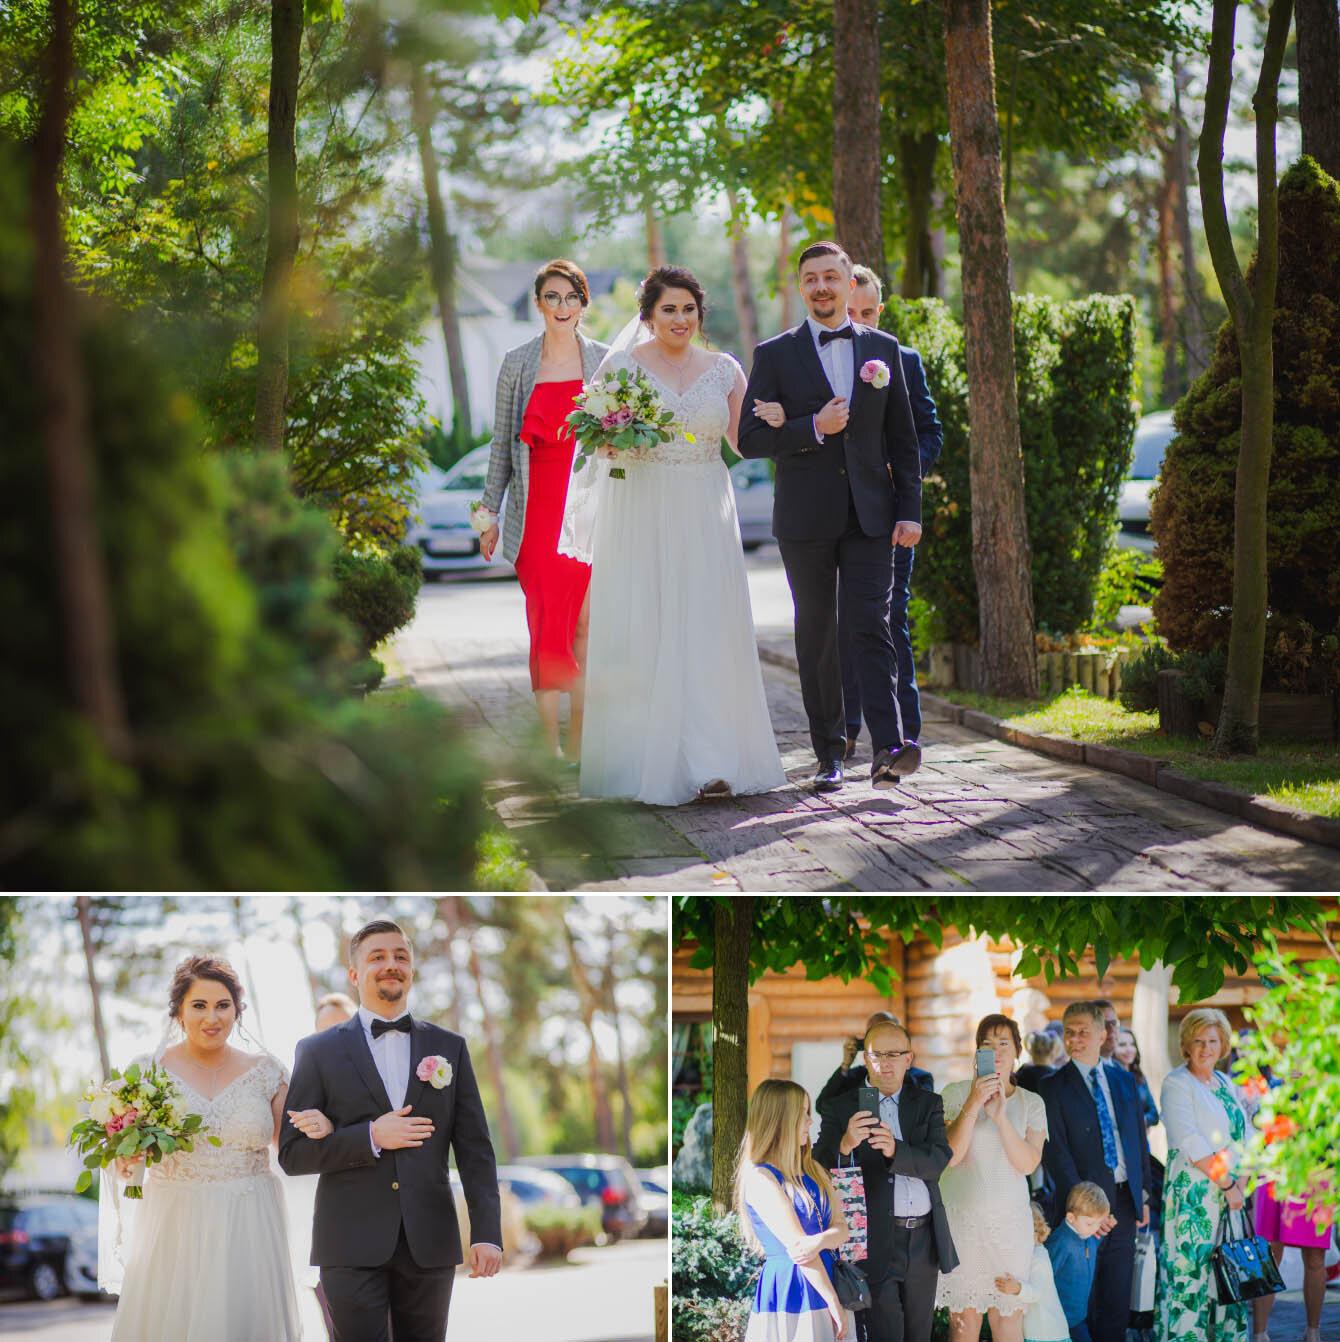 Fotografie ślubne Marka i Angeliki w domu weselnym pod Grzybkiem fotograf Bartek Wyrobek  16.jpg